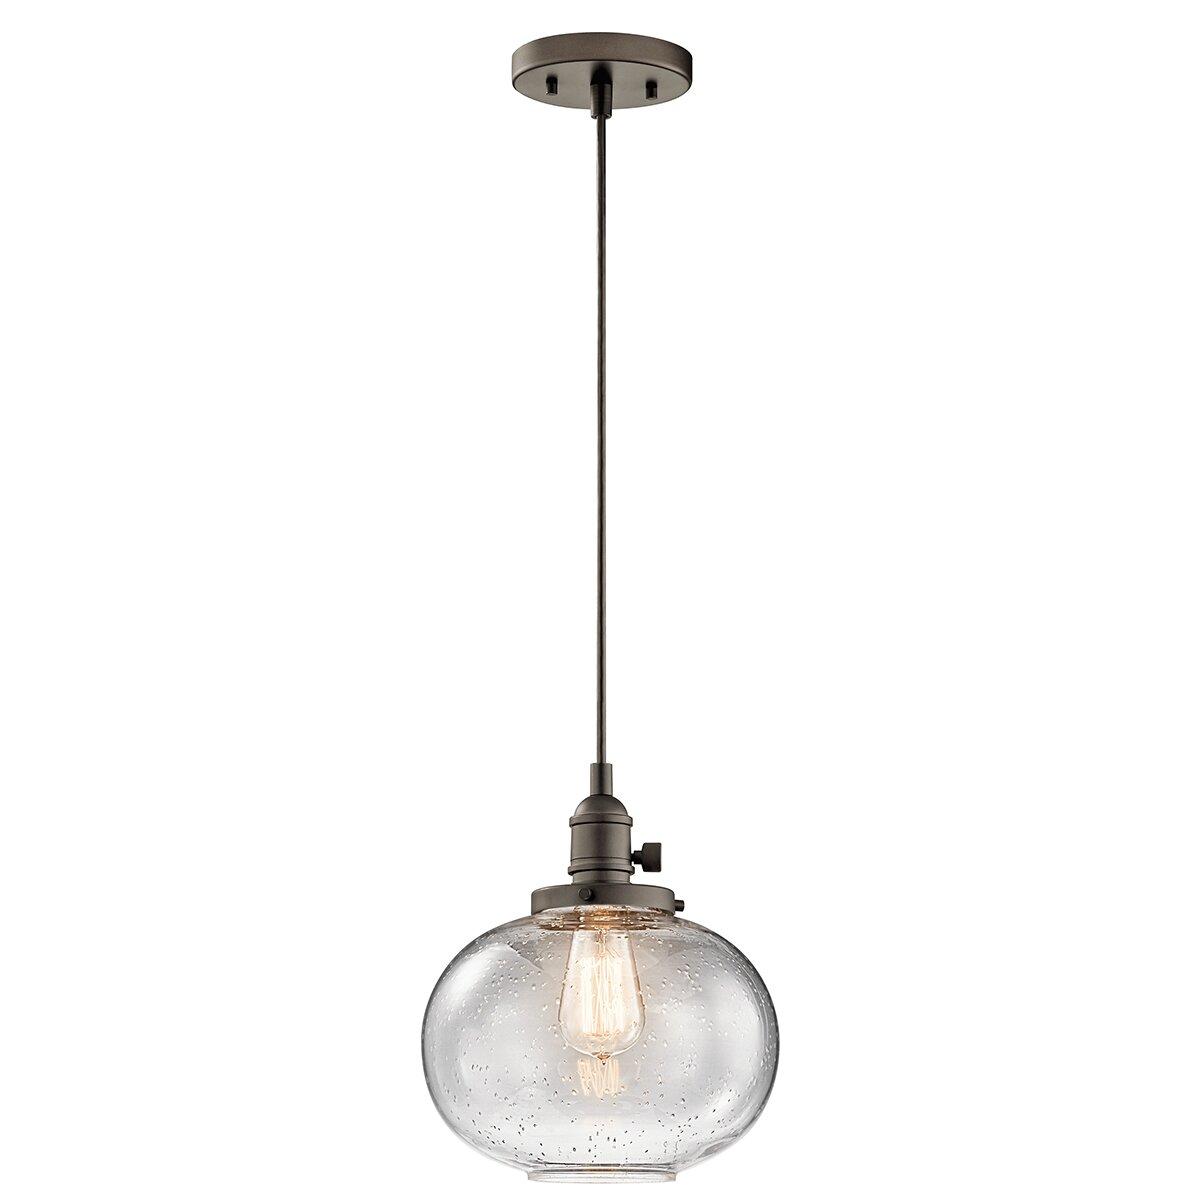 Kichler avery 1 light mini pendant reviews wayfair for Kichler kitchen pendant lighting